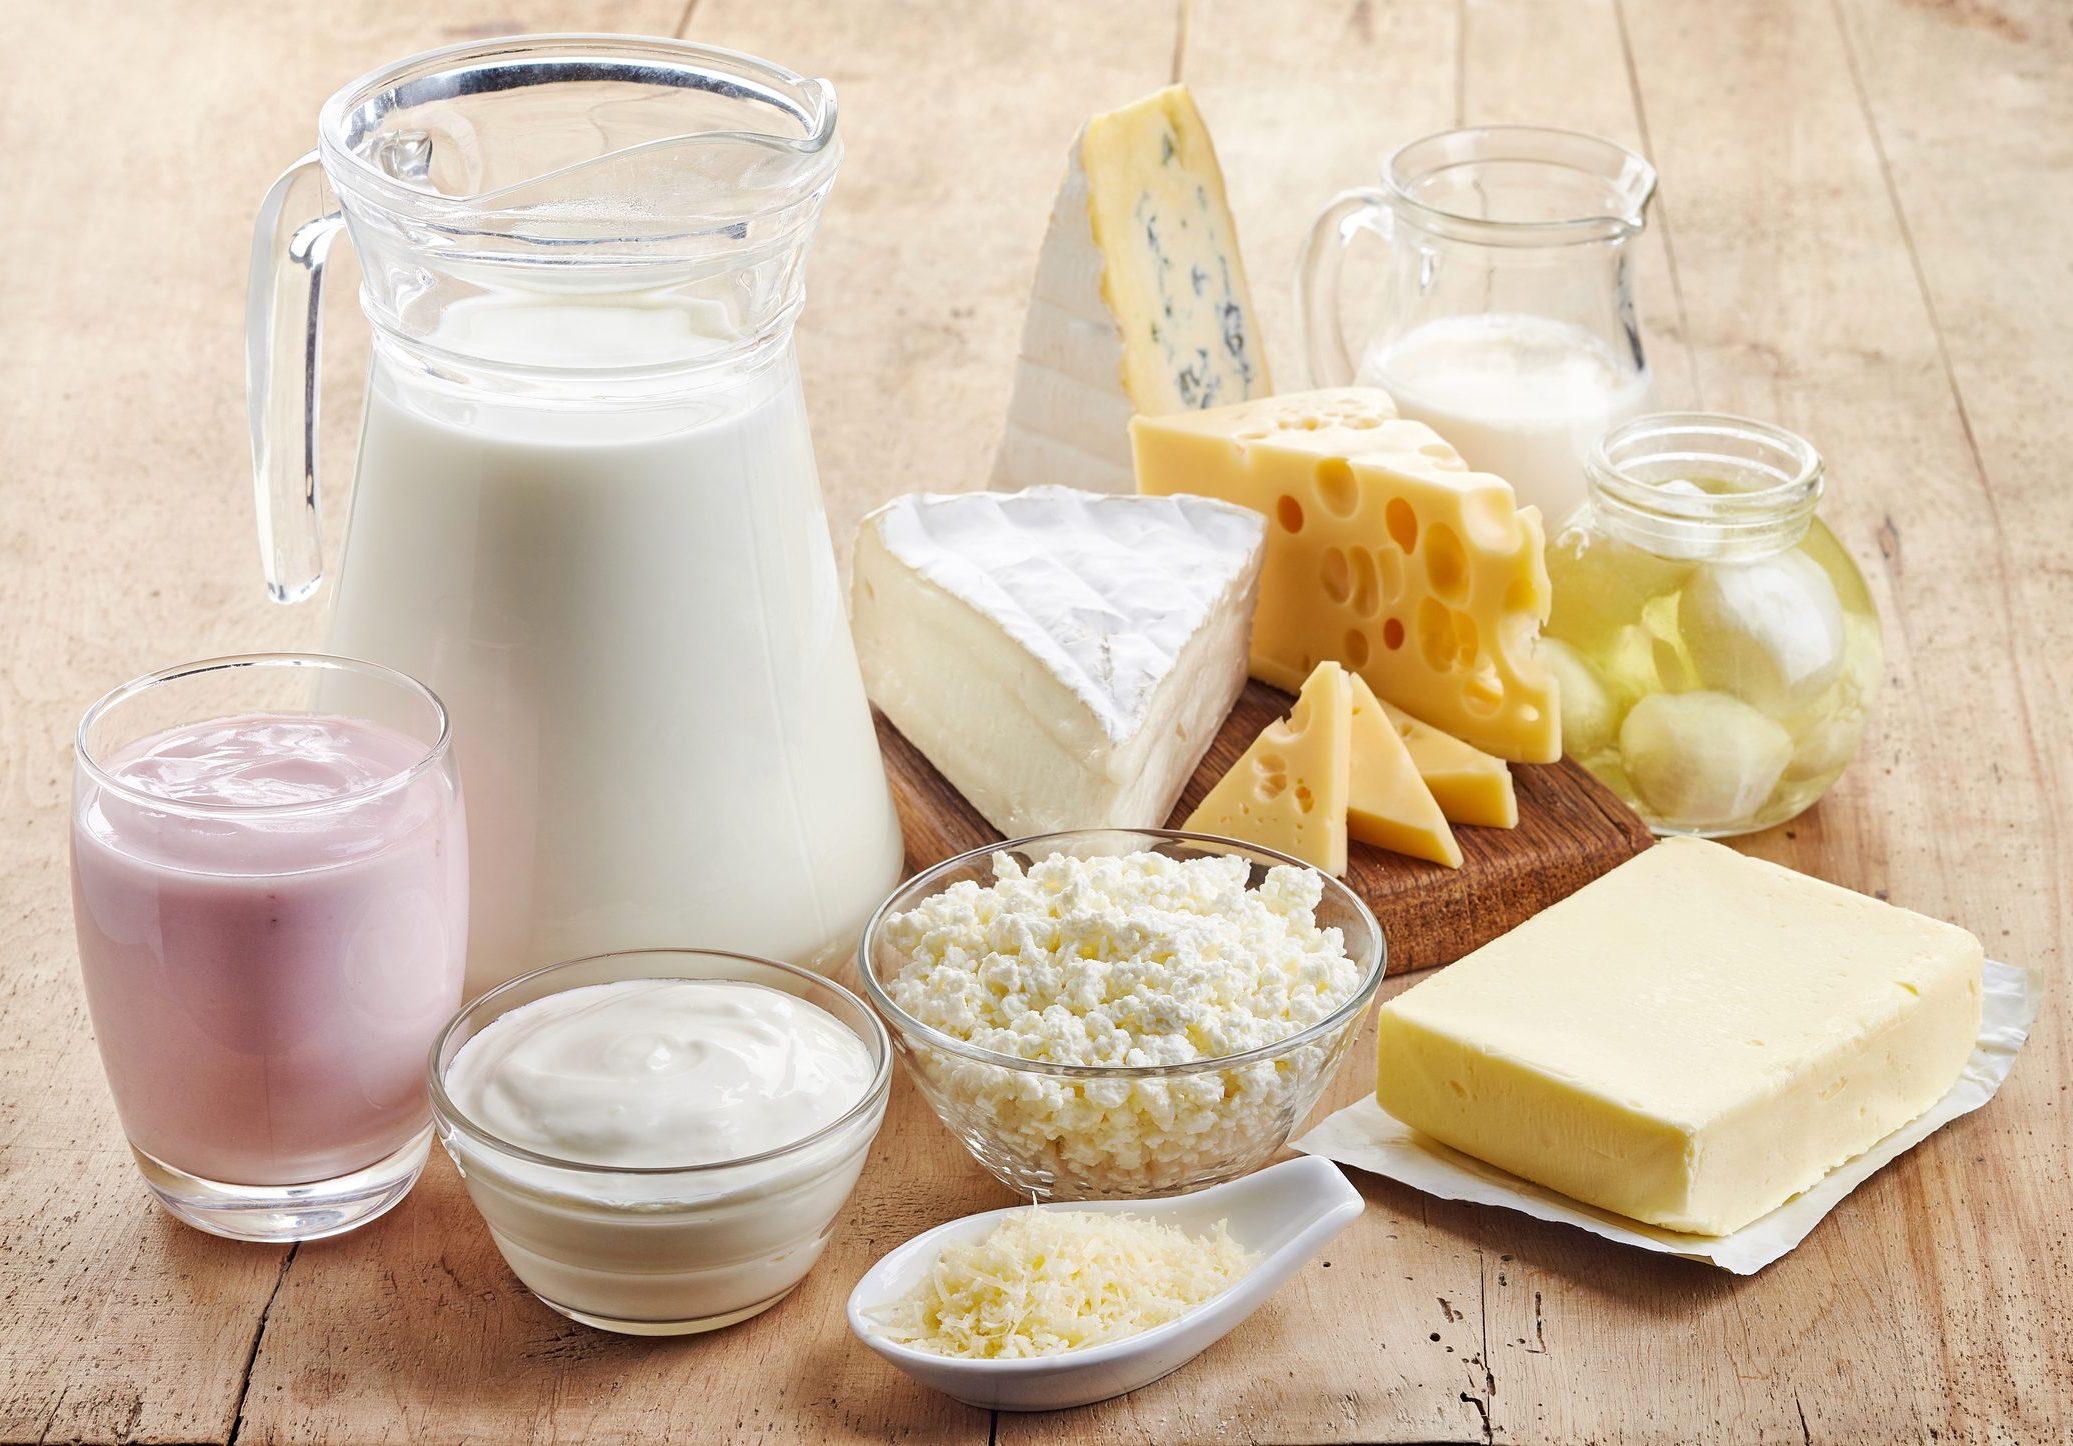 Молочные продукты | Самые распространенные генетически модифицированные продукты | Brain Berries